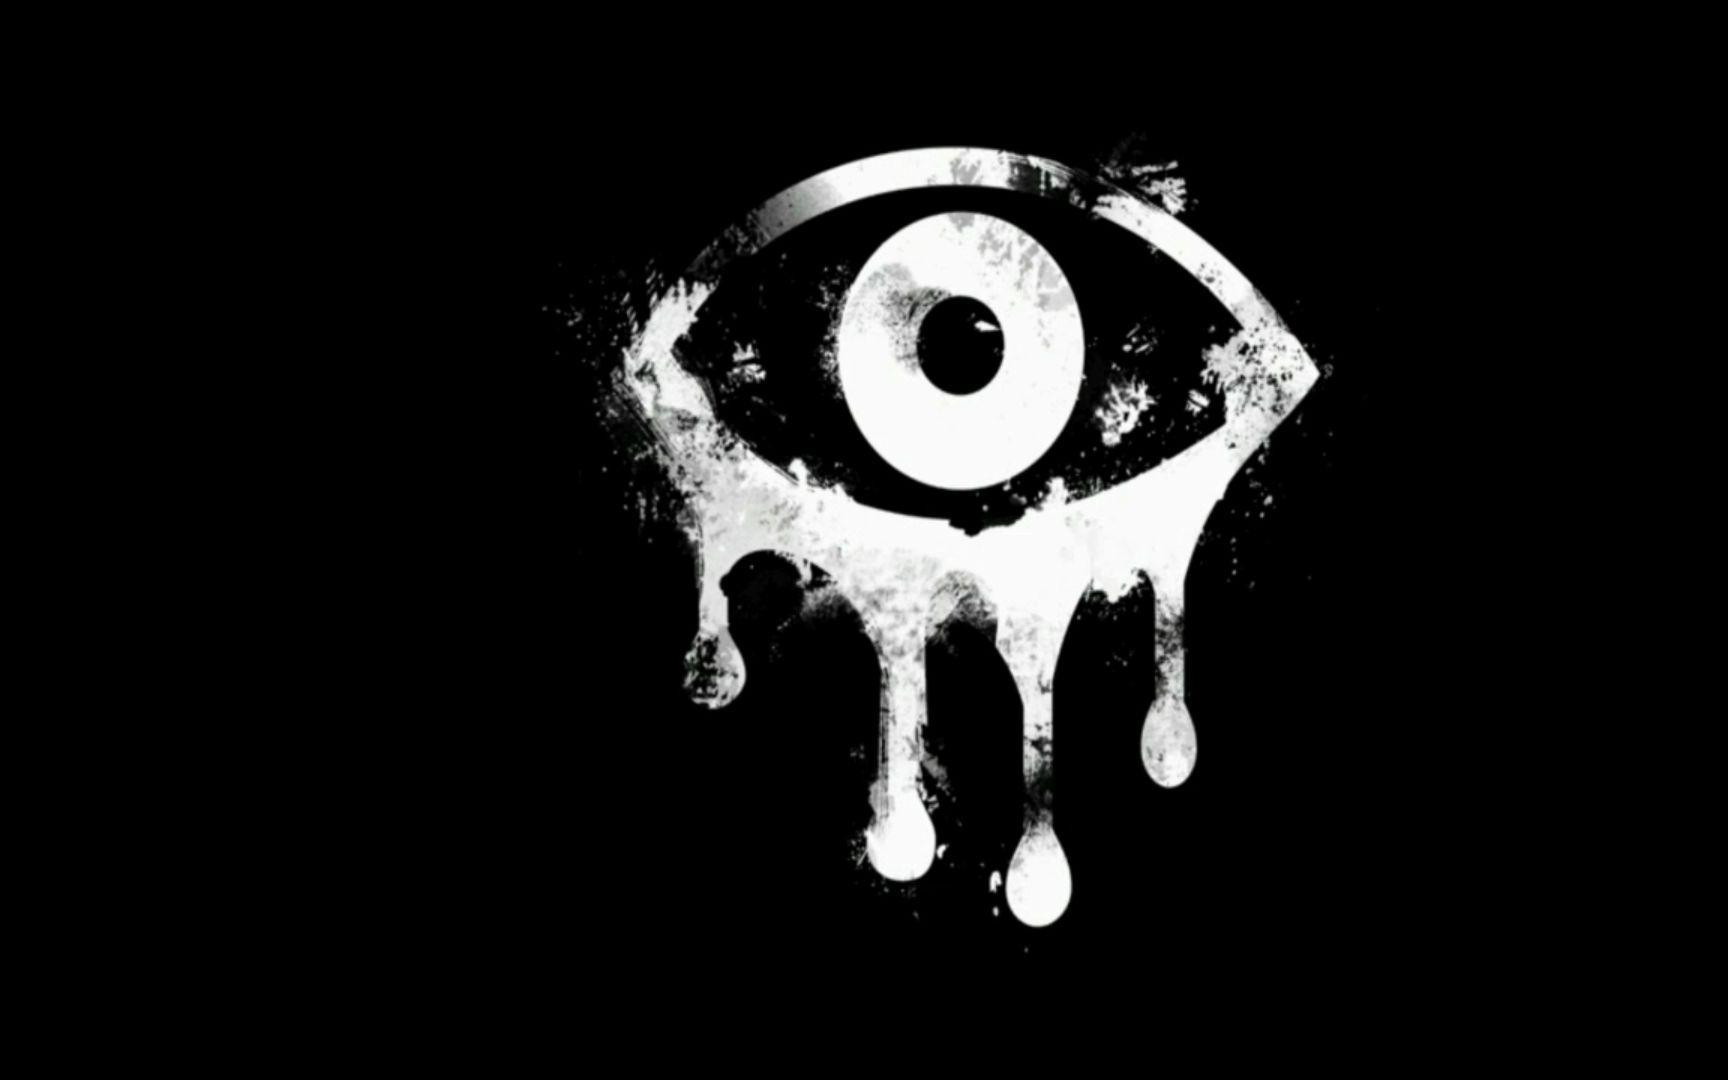 恐怖之眼_【amercyyy】恐怖之眼—我为什么要玩恐怖游戏